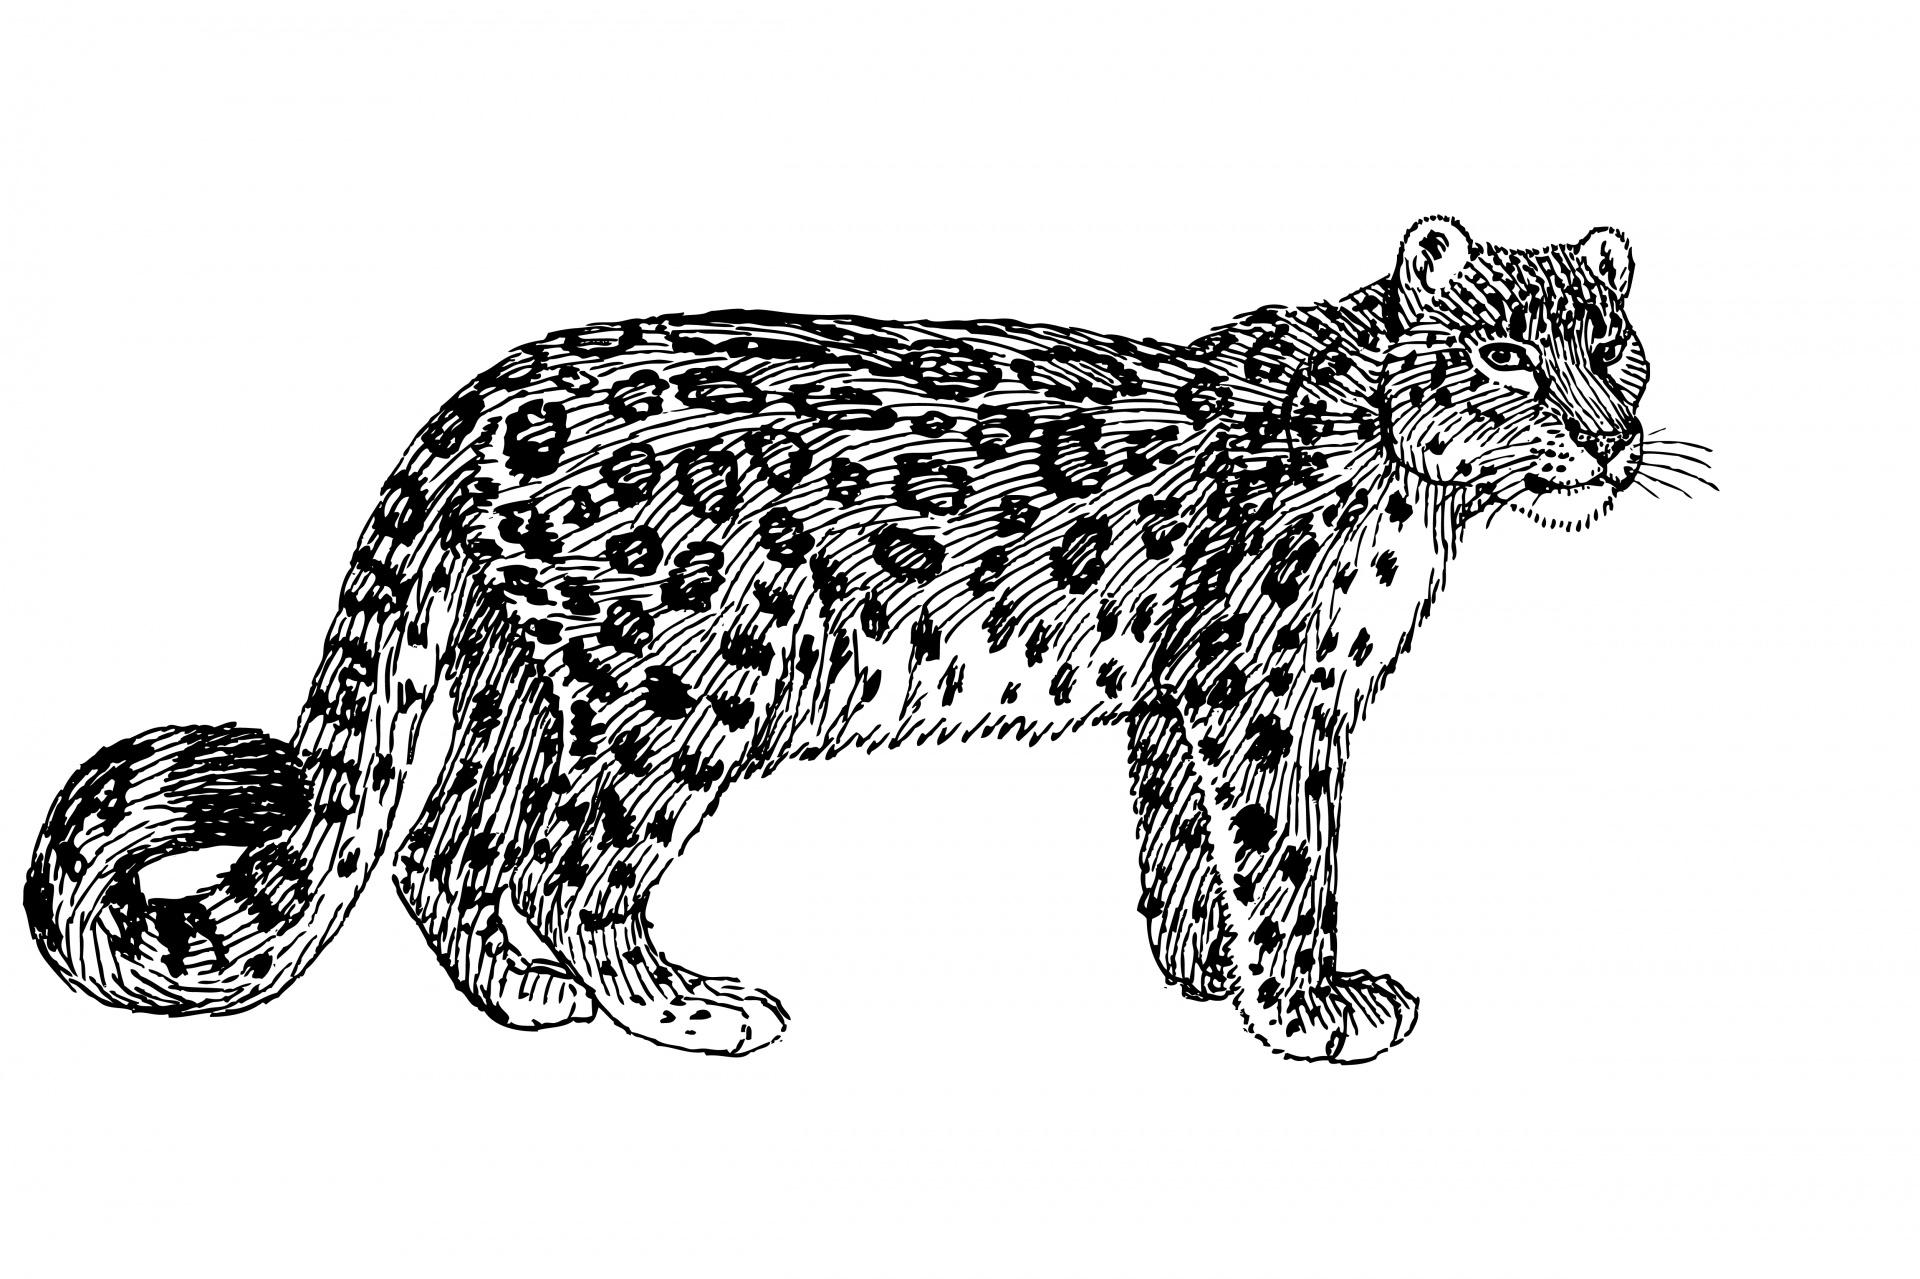 Snow Leopard Illustration Clipart-Snow Leopard Illustration Clipart-16